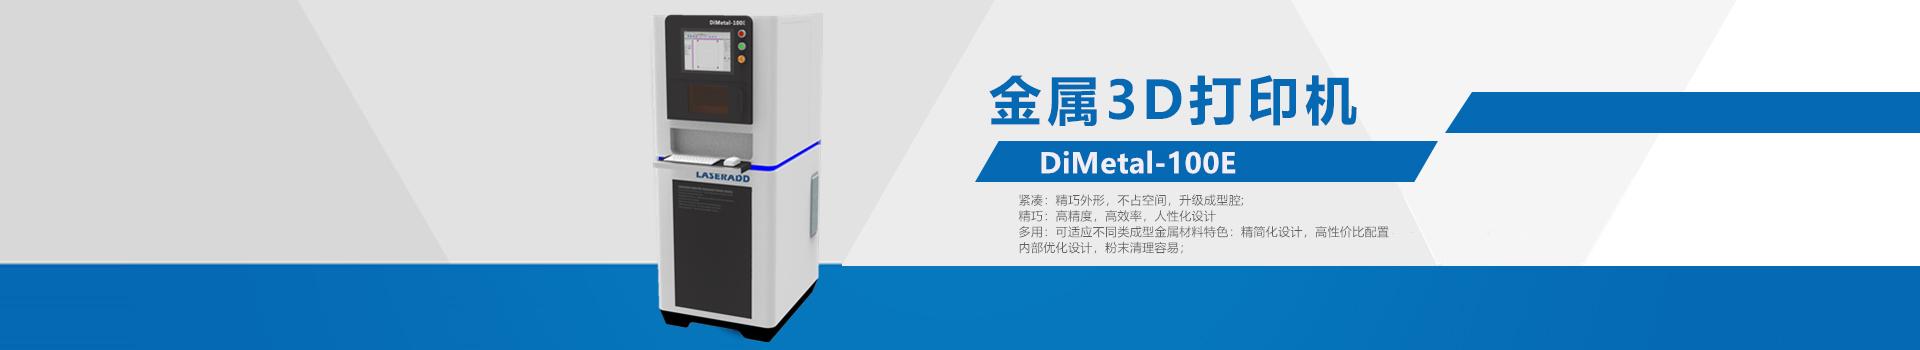 DiMetal-100E 太阳集团2007网站